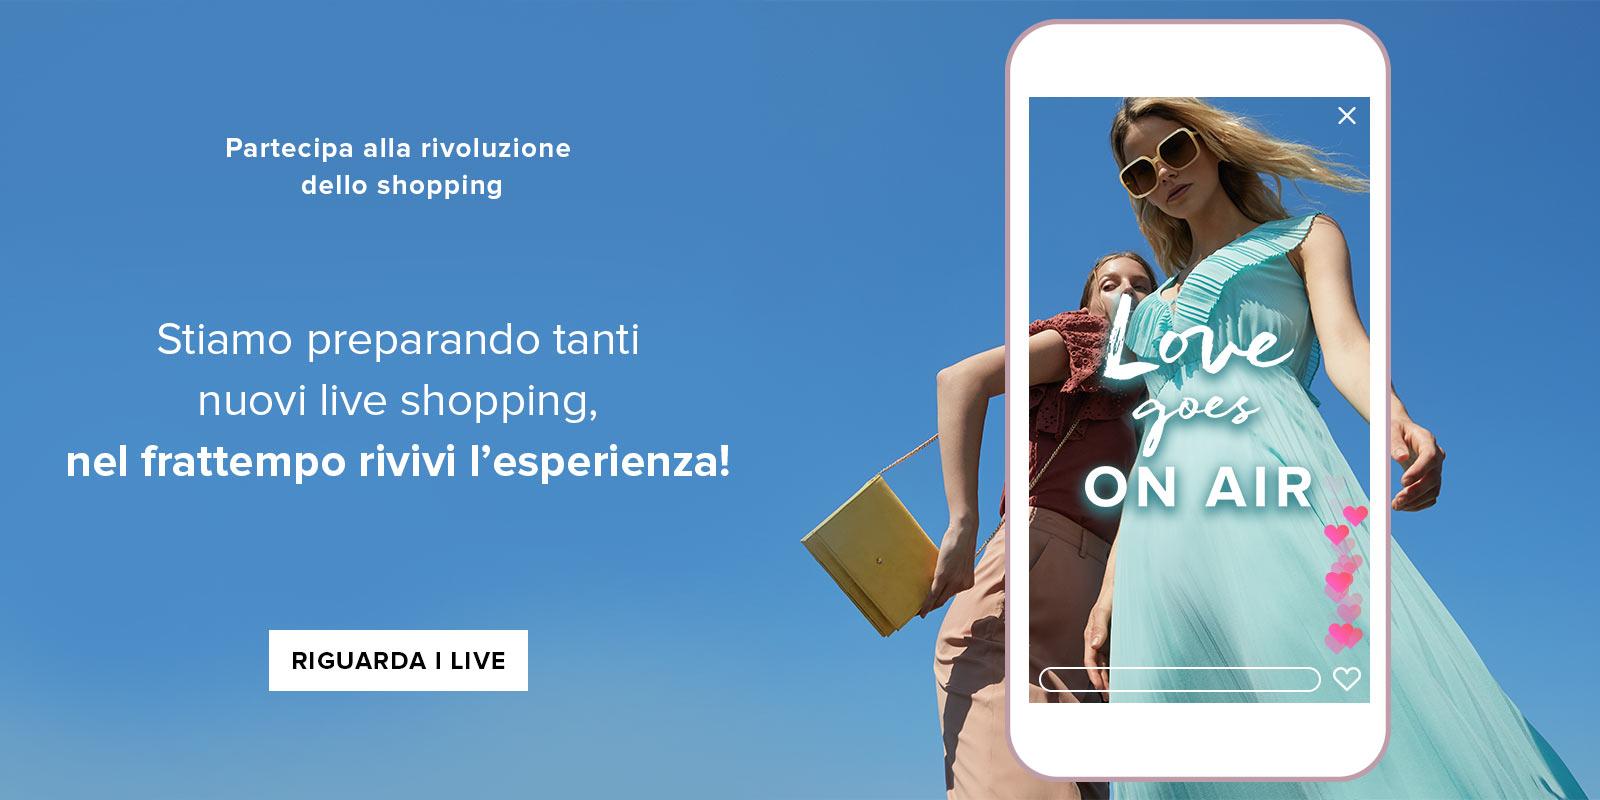 Motivi live stream shopping